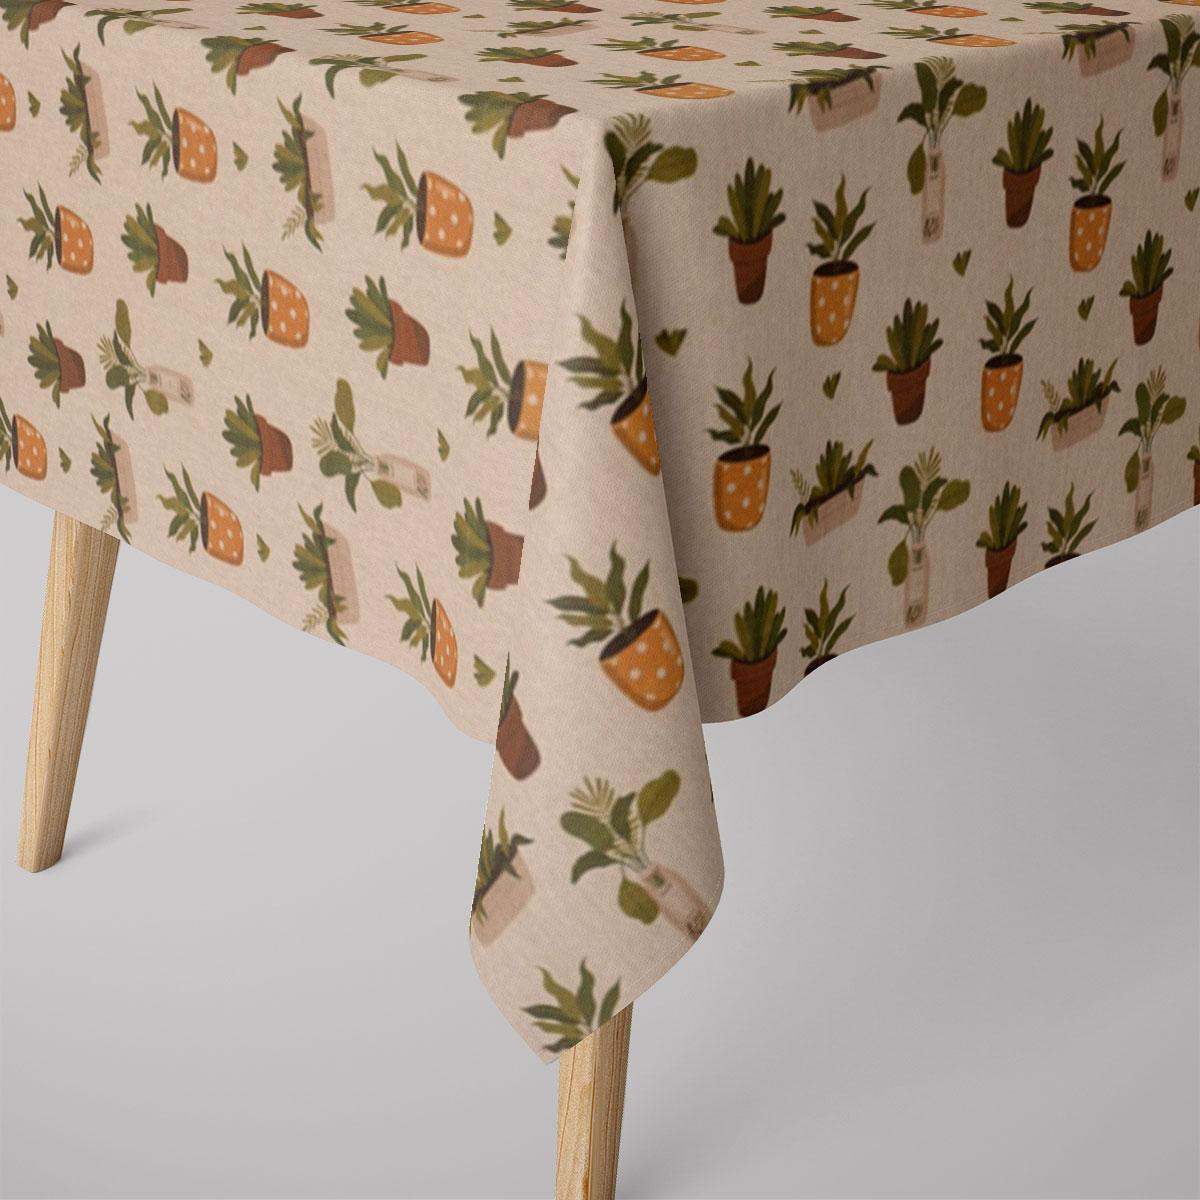 SCHÖNER LEBEN. Tischdecke Blätter Pflanzen Vase Pflanztopf natur gelb grün braun verschiedene Größen